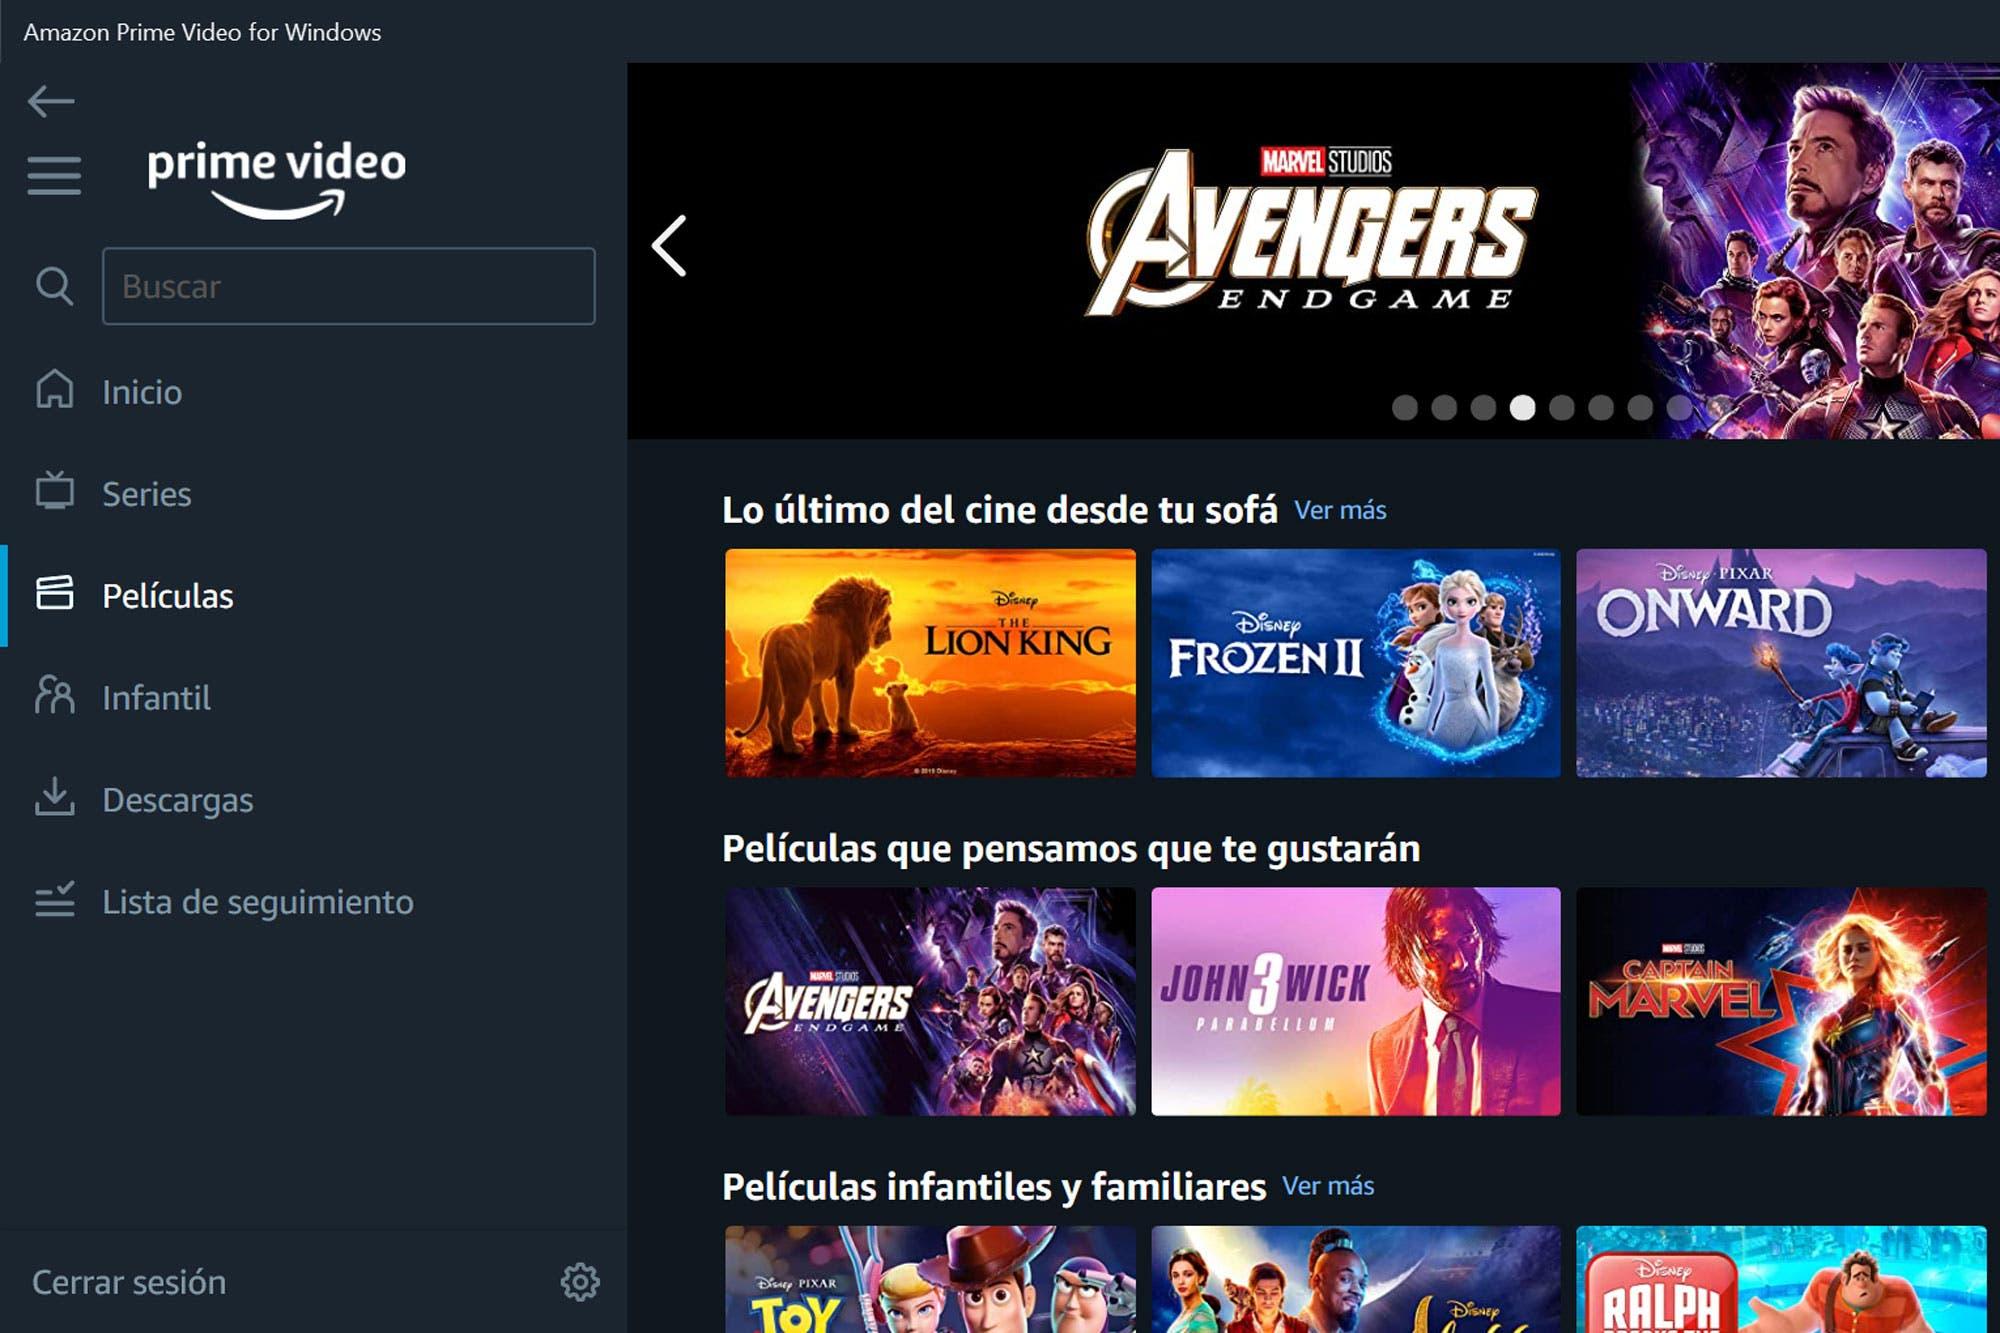 Prime Video: Amazon ya tiene su aplicación oficial para Windows 10 con reproducción offline